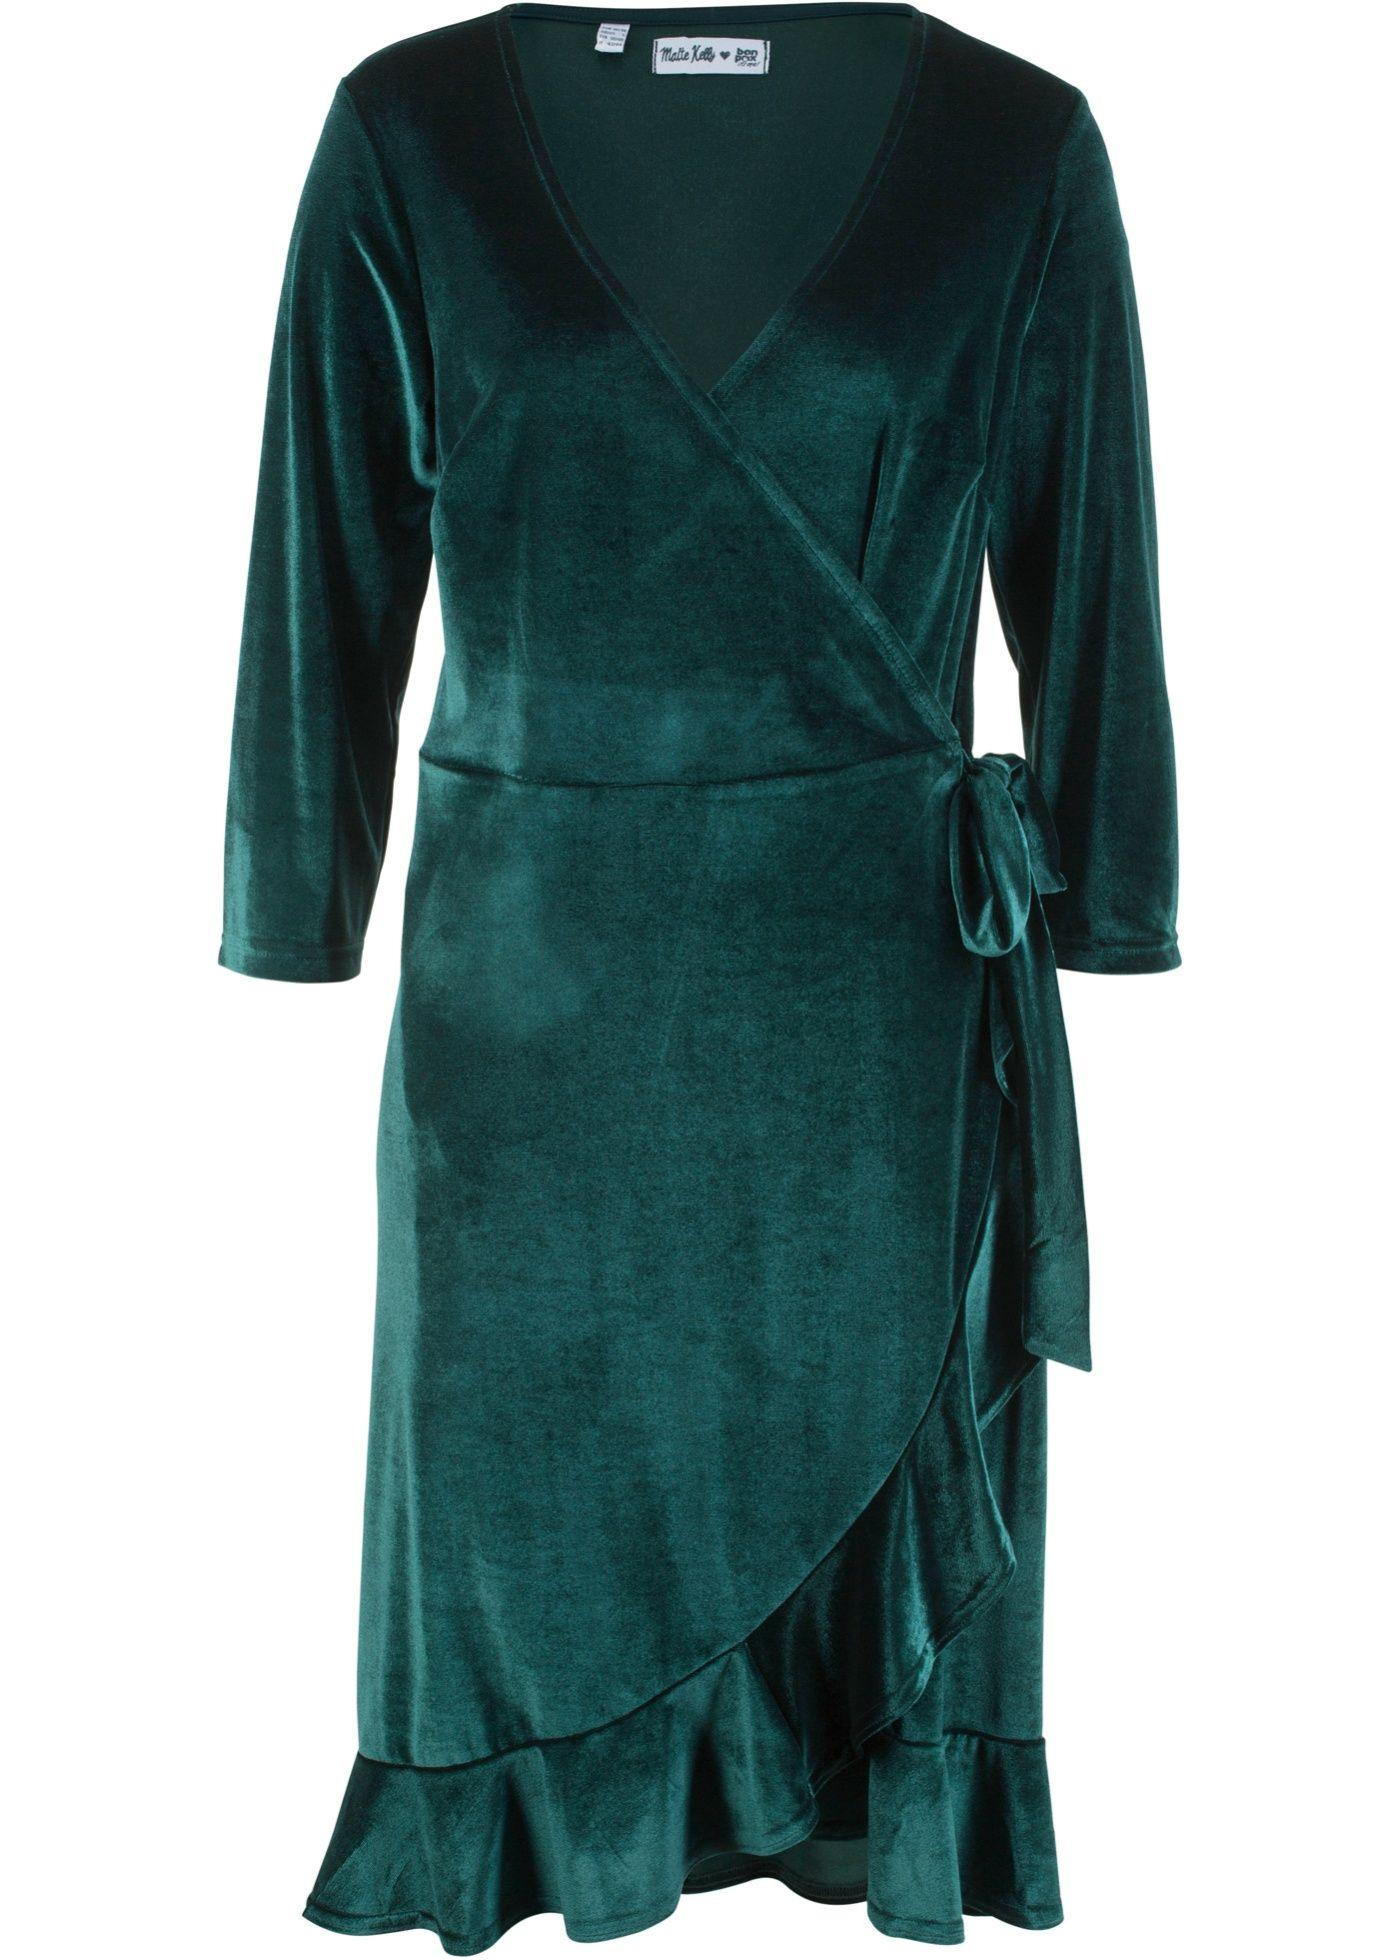 Samt Wickelkleid  Designt Von Maite Kelly  Wickelkleid